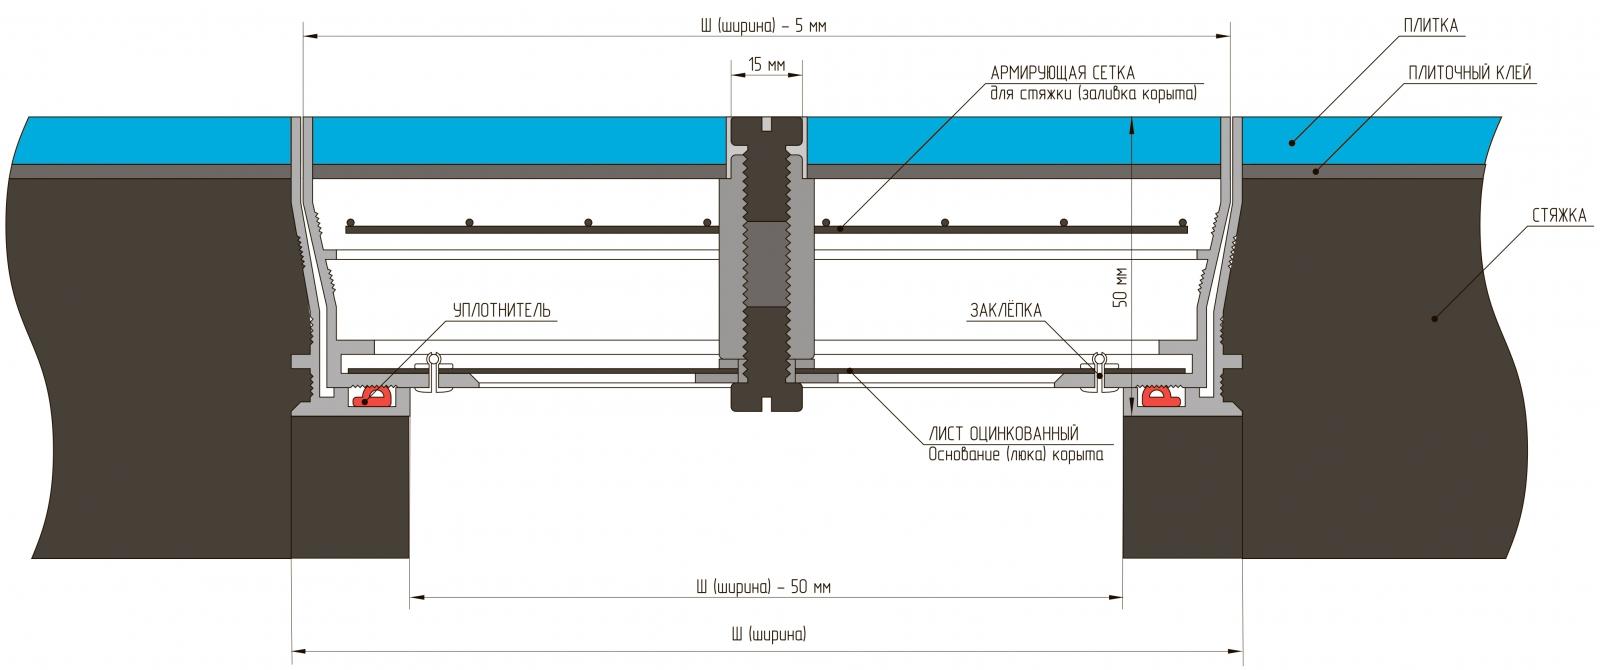 Напольный люк Инспектор (Алкрафт) - схема установки